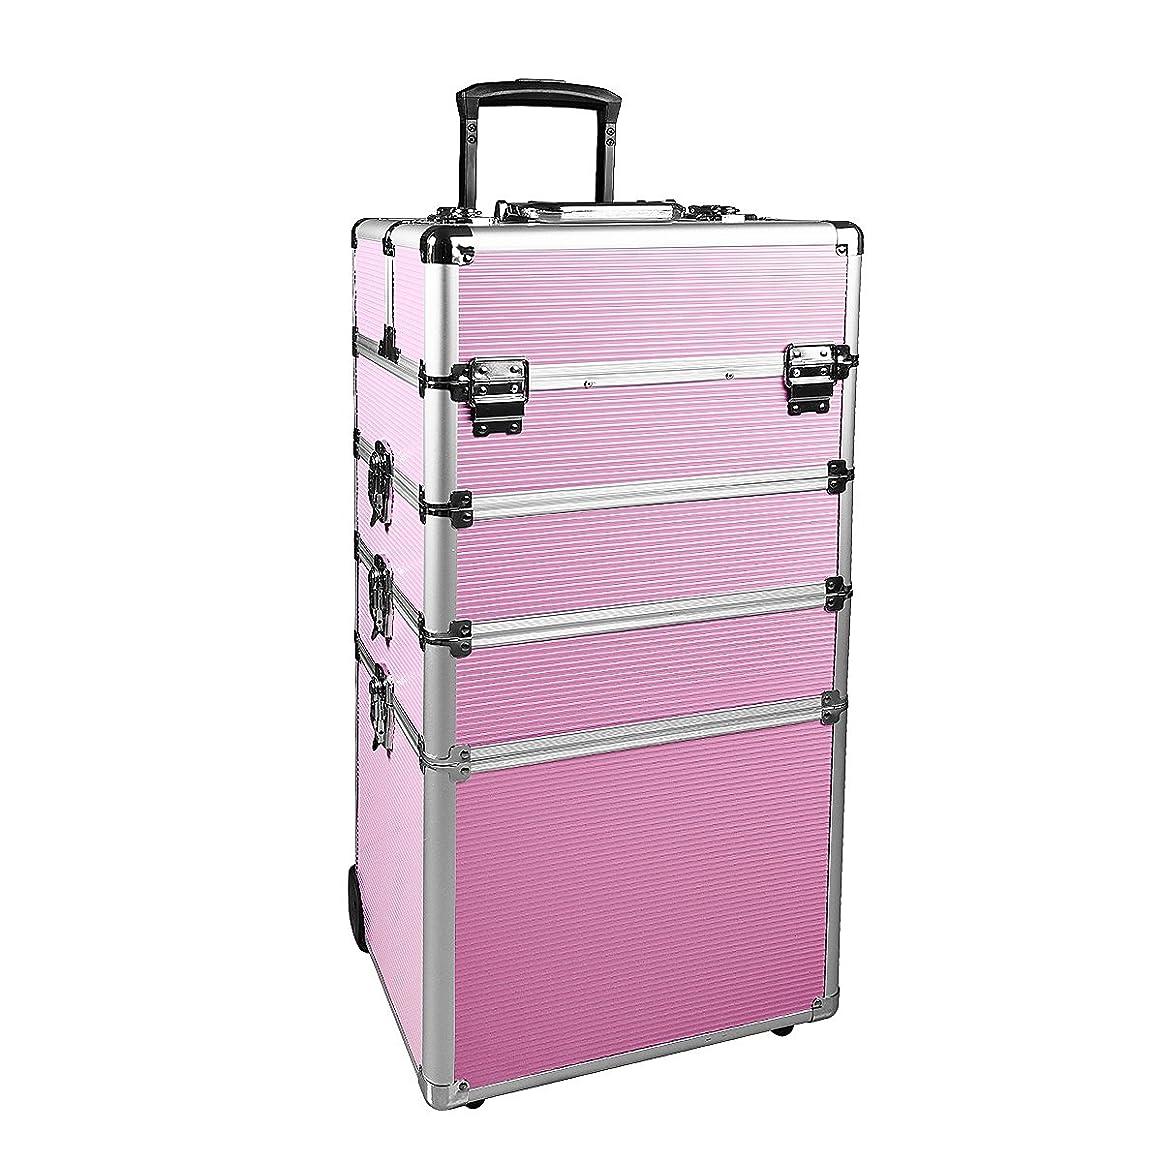 にはまって売上高中世のNHSM 1つ プロ 化粧品ローリング主催 アルミフレームと折りたたみトレイで化粧列車 ケース4 ピンク